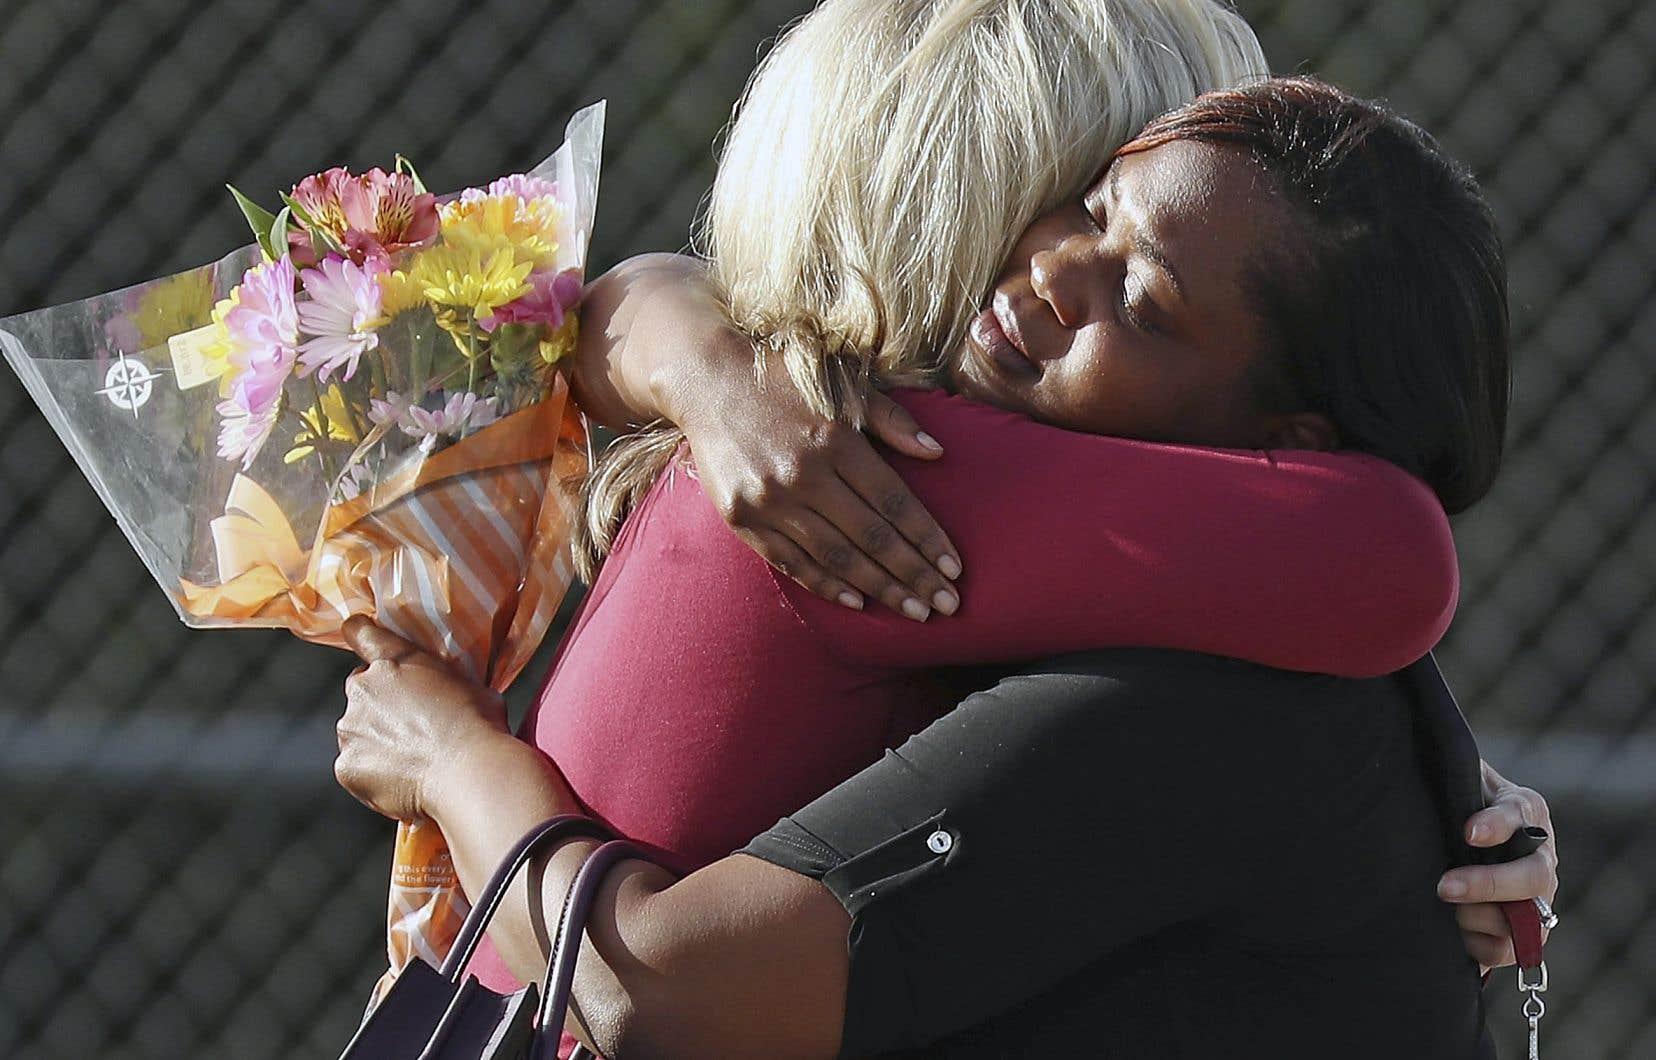 Les adolescents, qui ont lancé un appel à la régulation des armes à la suite de l'attaque dans l'école secondaire de Parkland, ont été la cible des sites d'extrême droite.